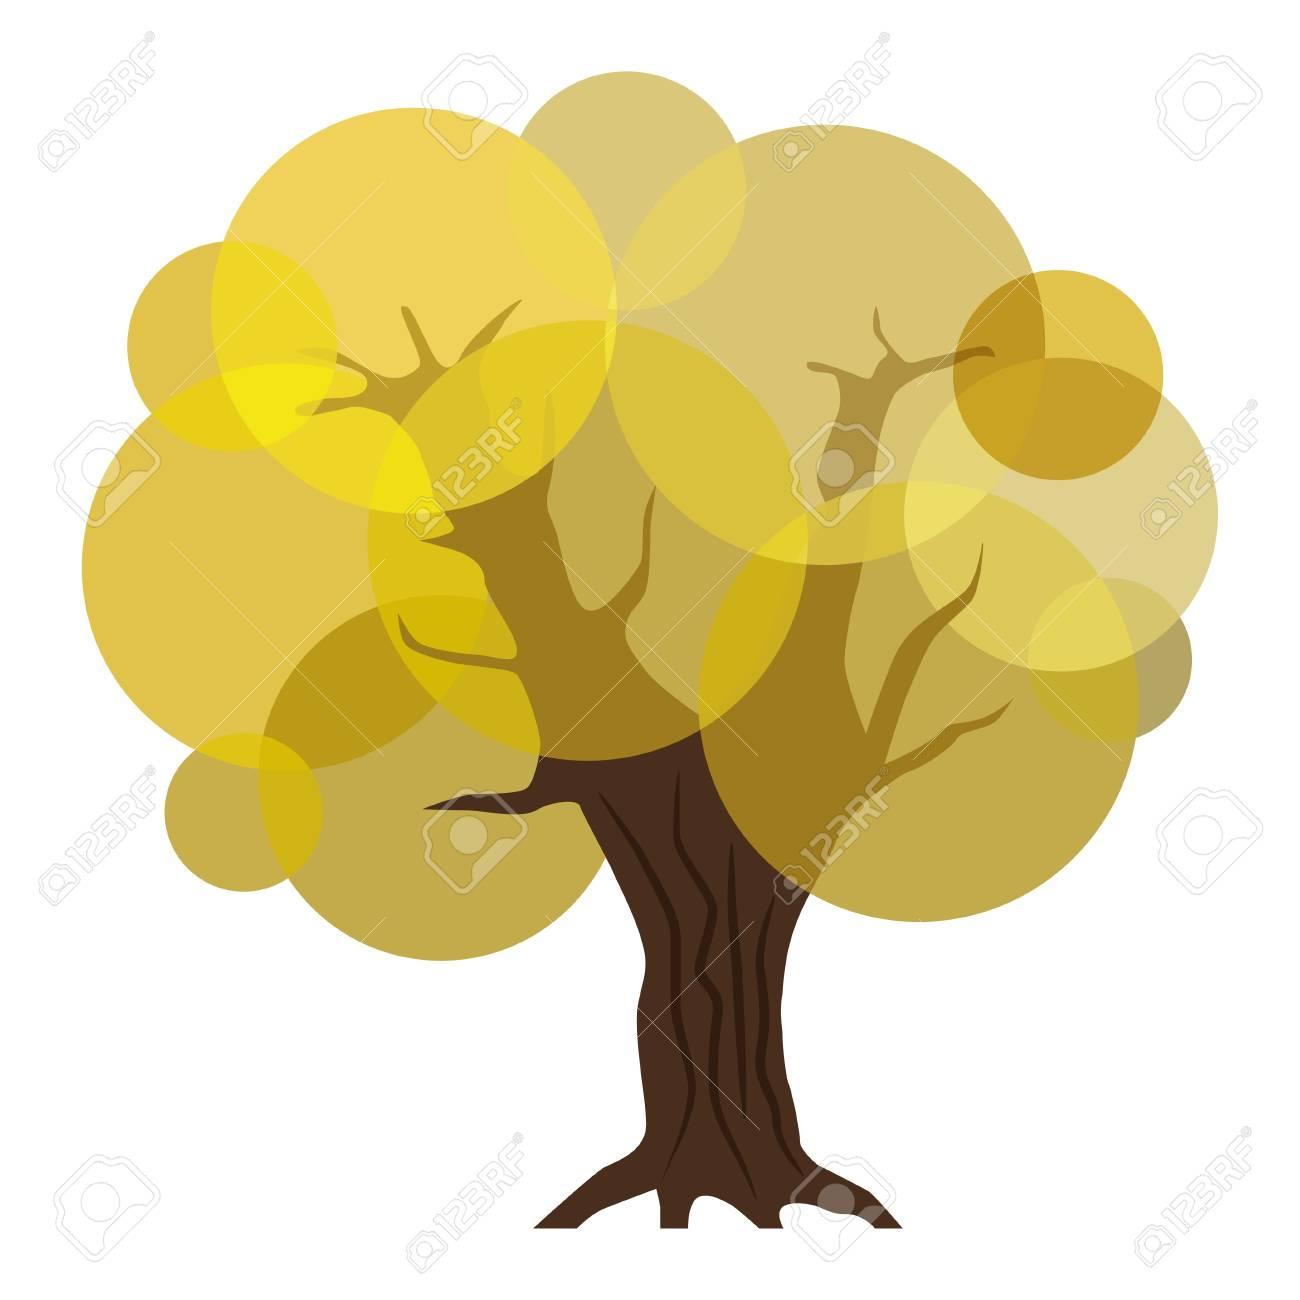 Abstract autumn tree. Stock Vector - 16109039